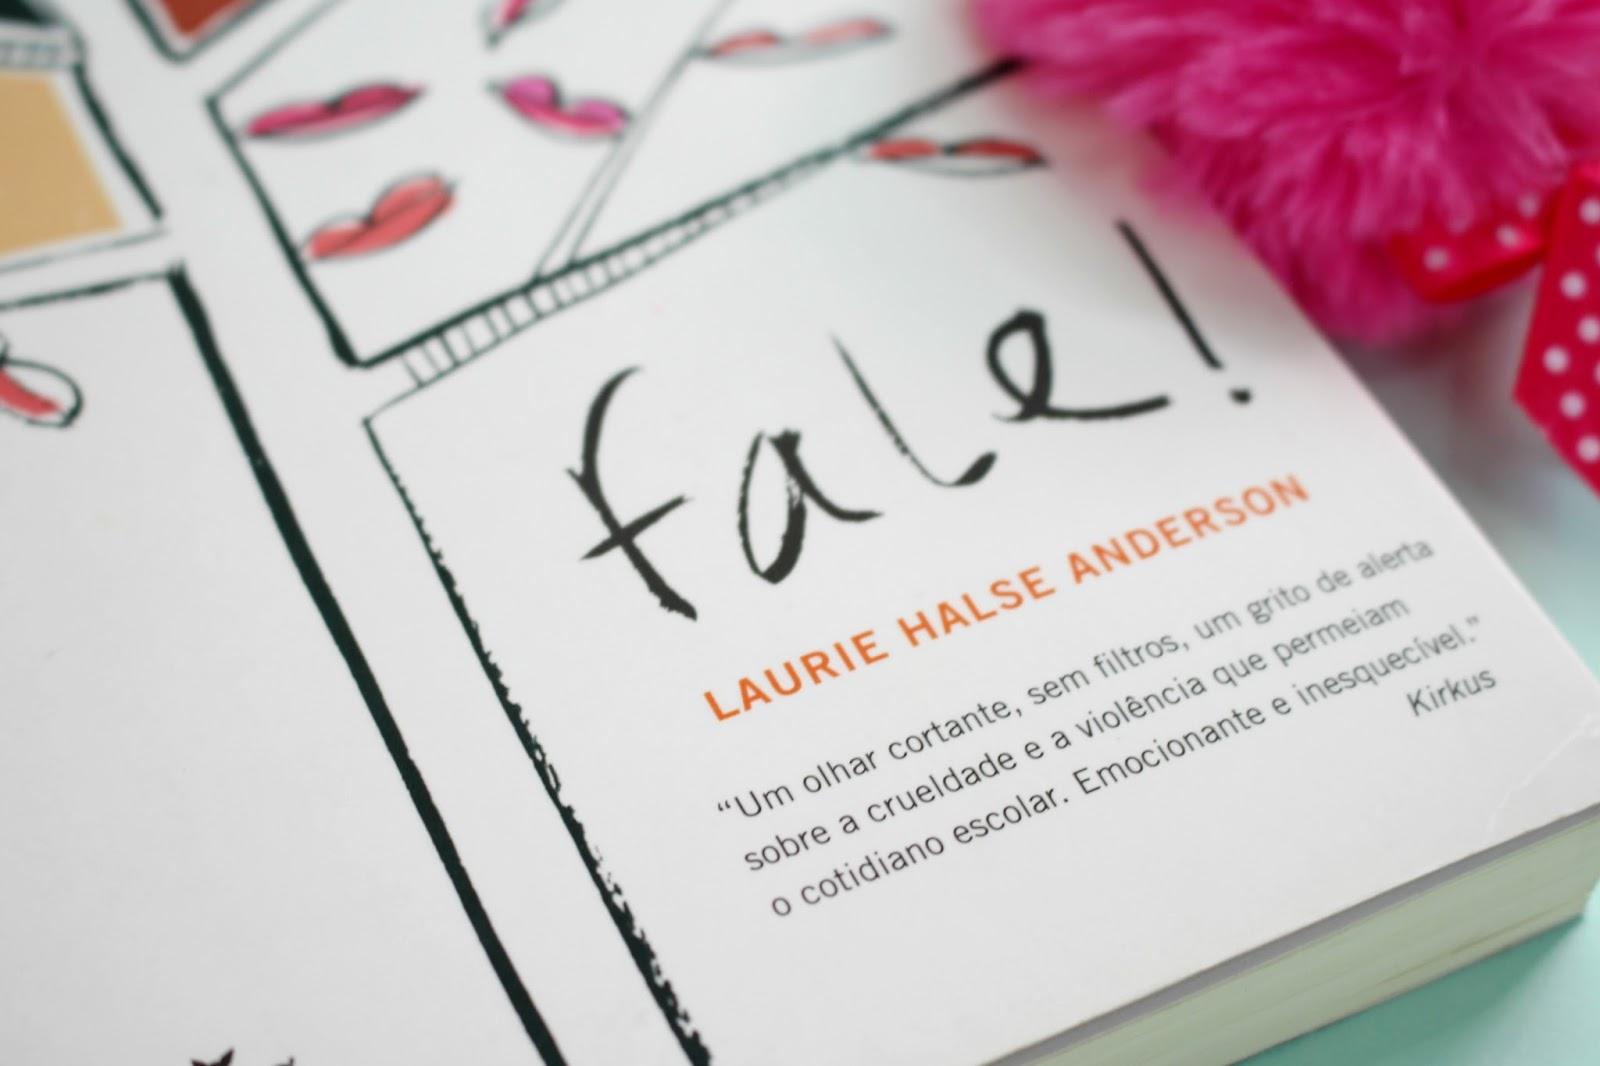 Fale! Laurie Halse Anderson